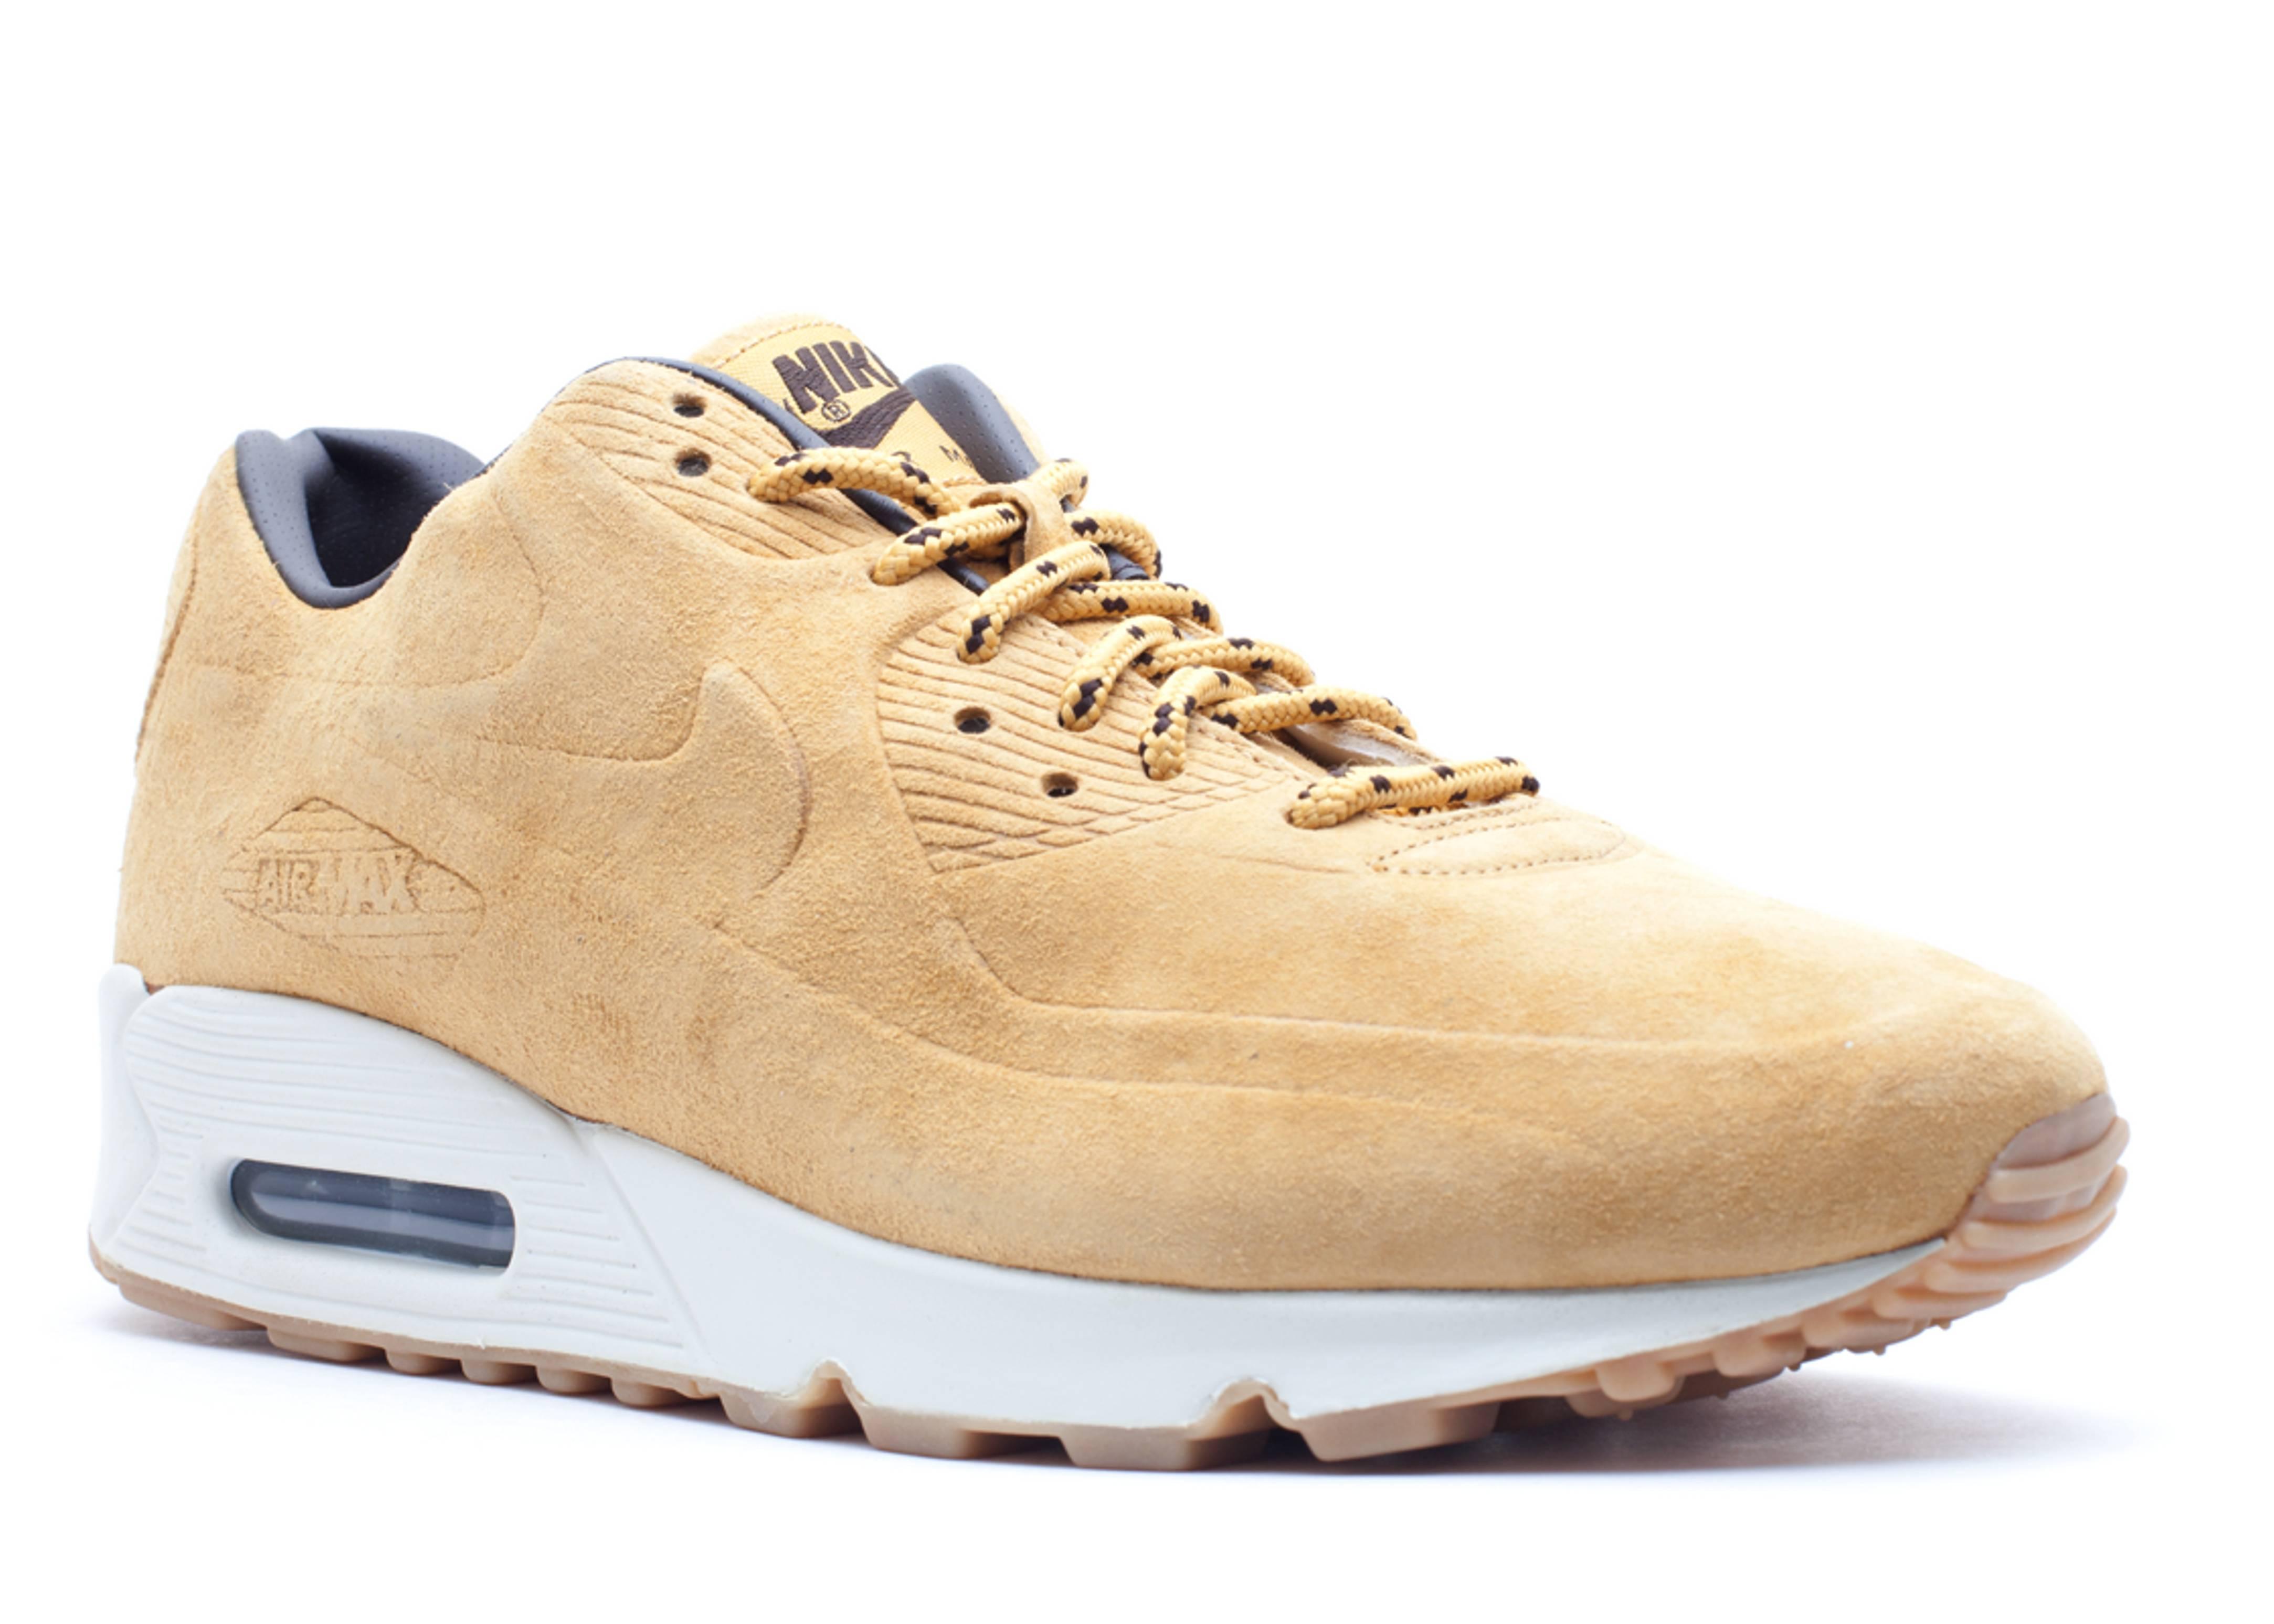 Nike Air Max 90 VT Premium QS HaystackBirch Wheat Pack 486988 700 SZ 11